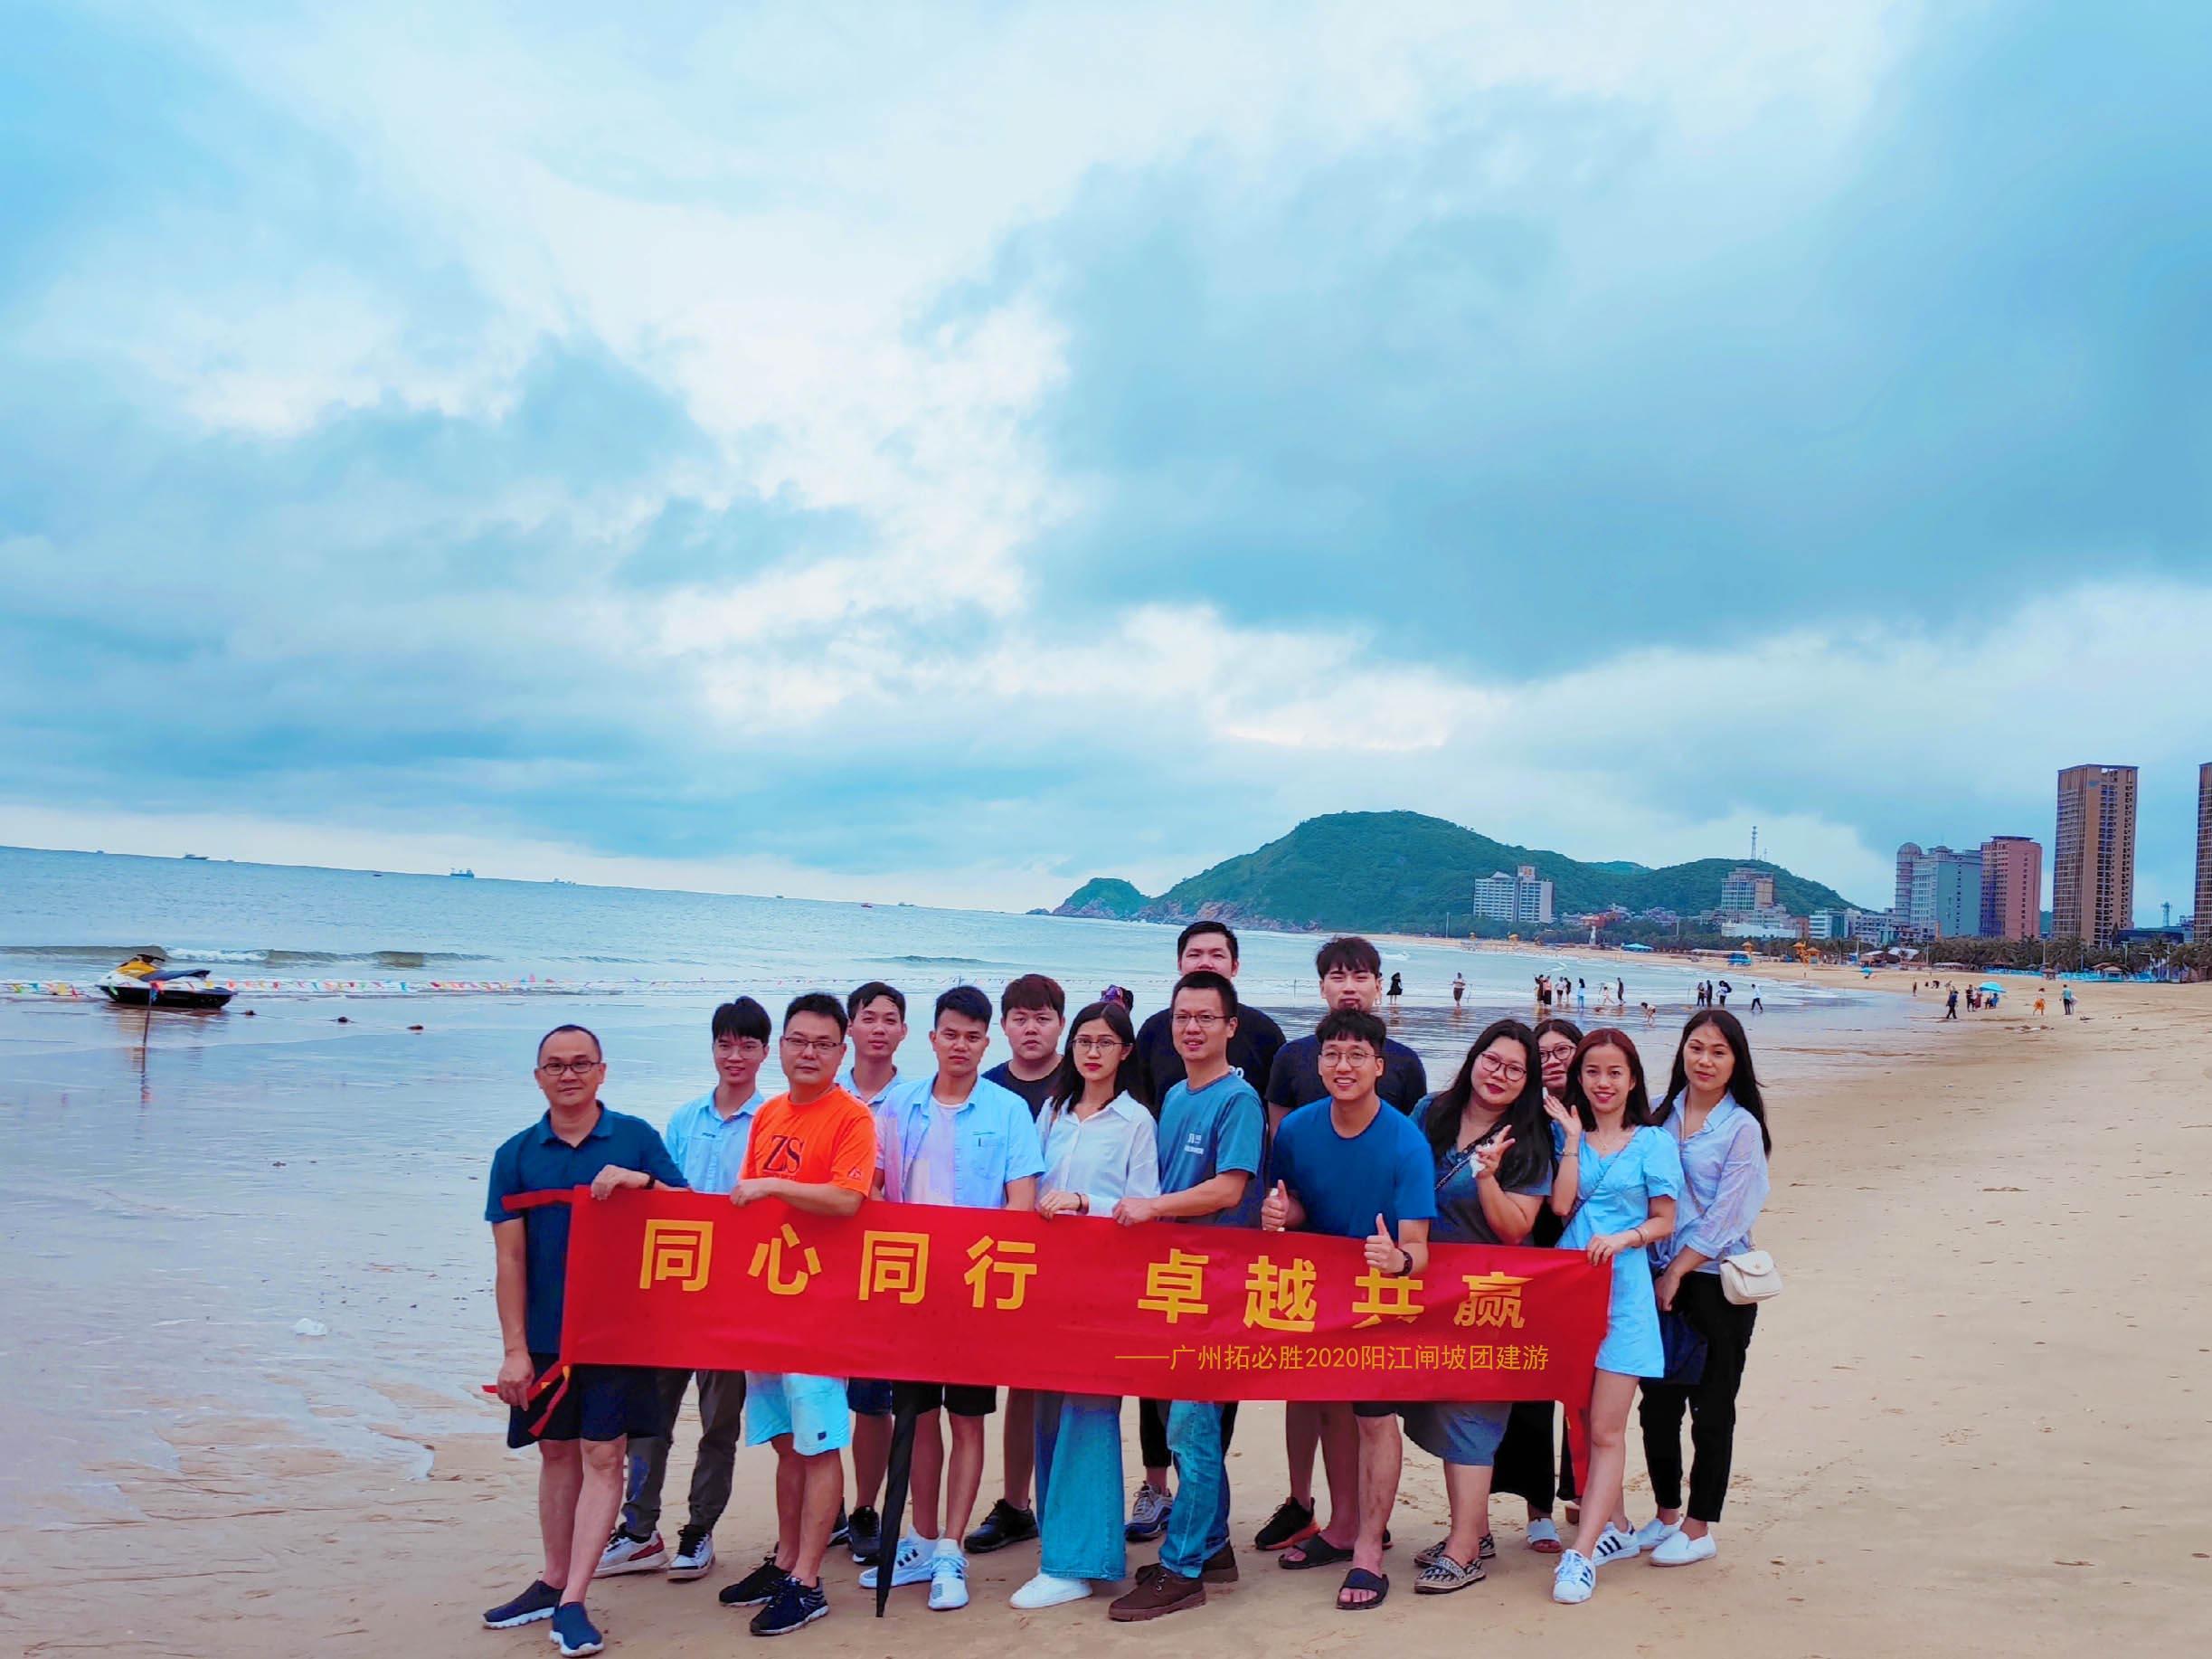 广州拓必胜2020年阳江闸坡之旅